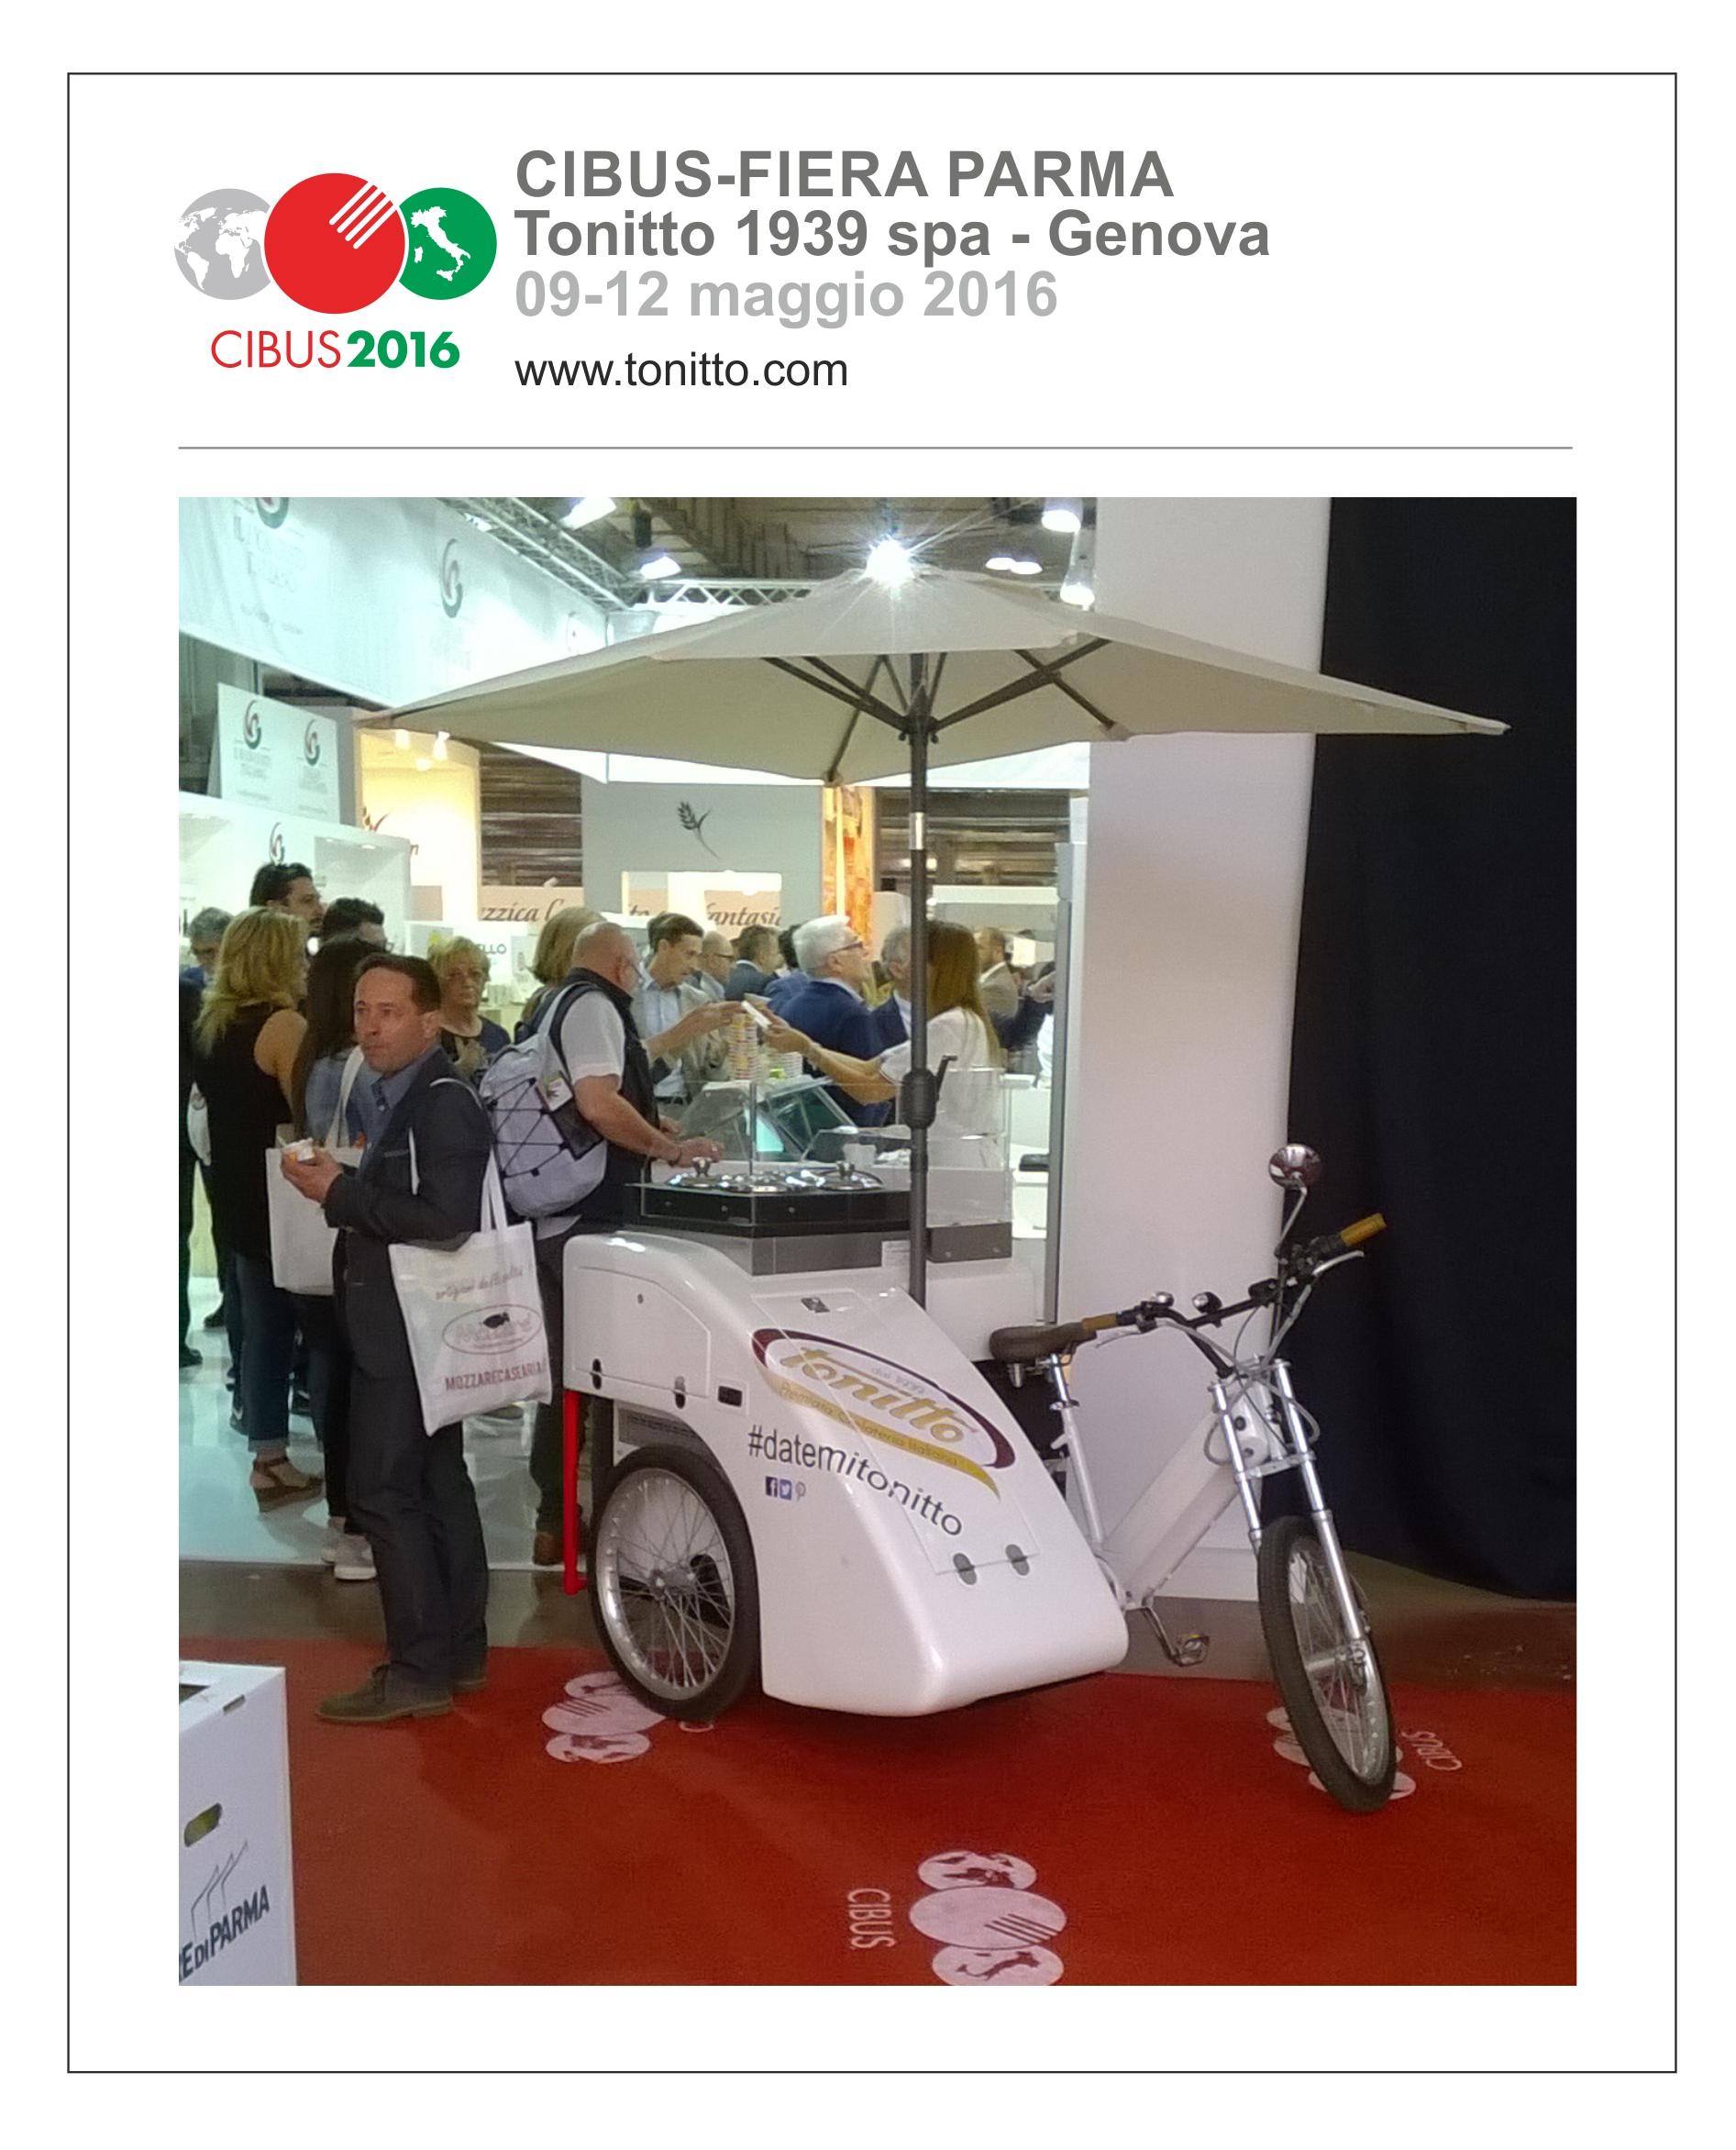 Cibus - Tonitto